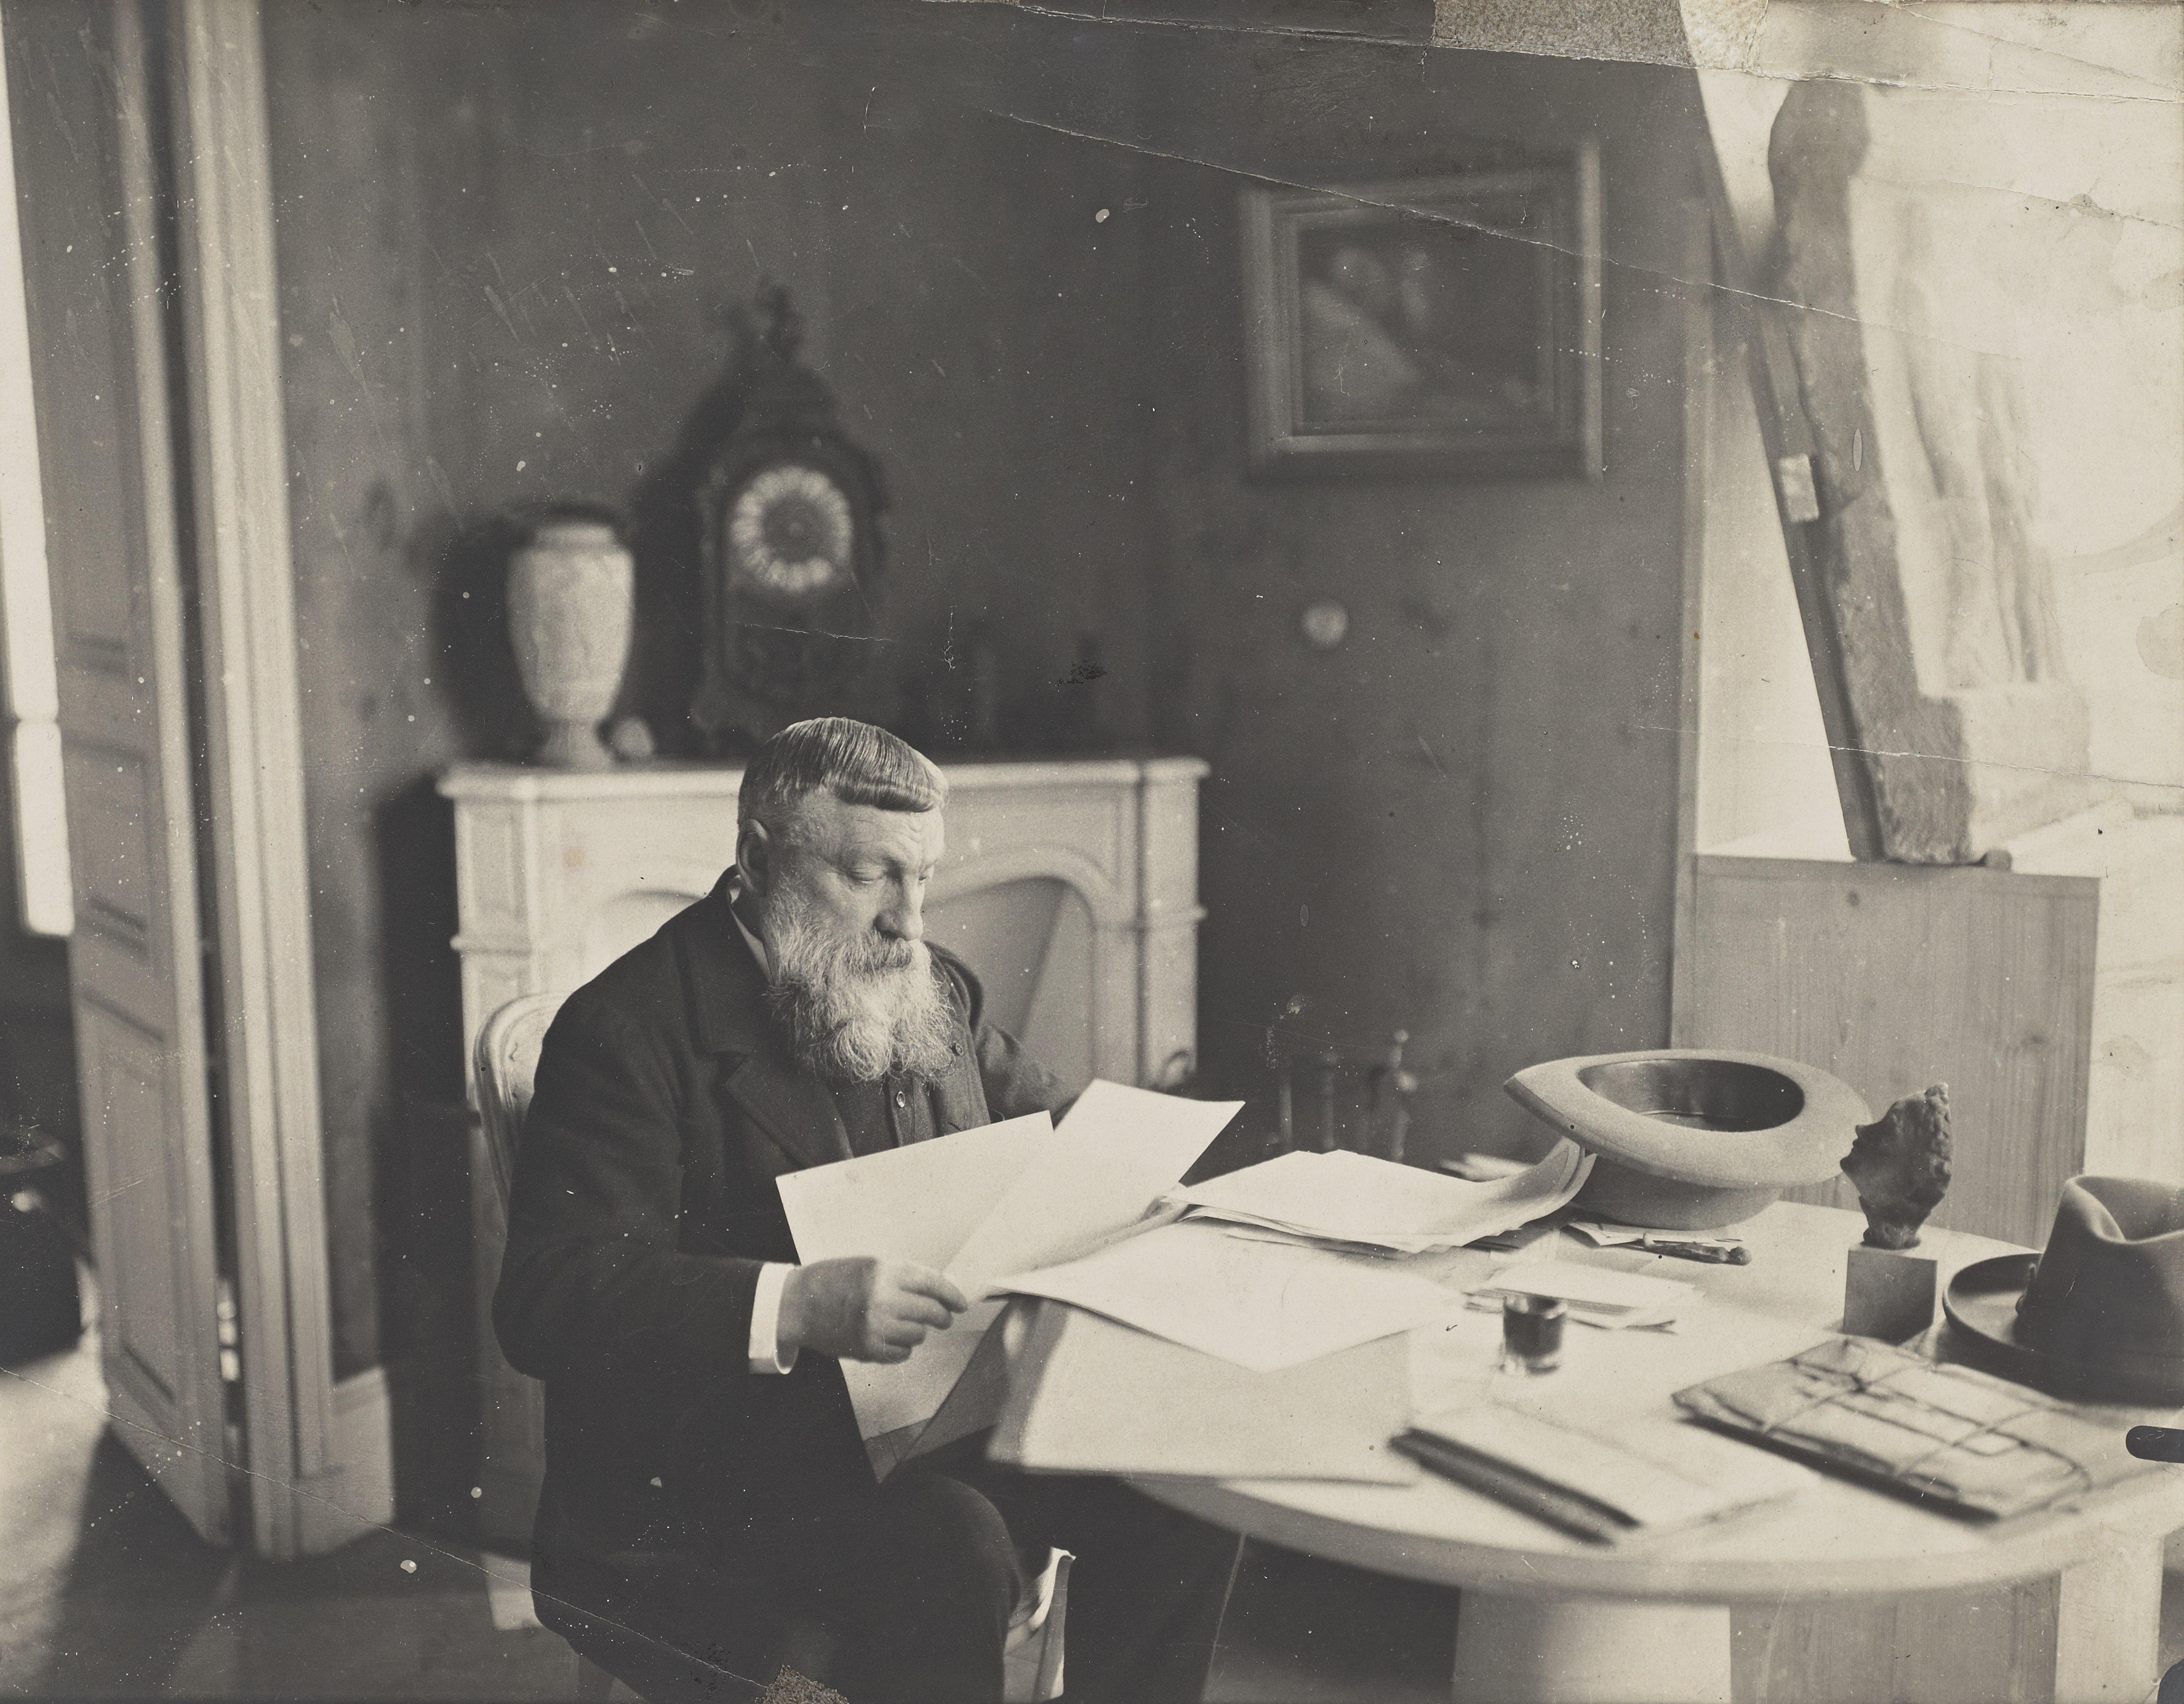 Anonyme, Rodin compulsant des dessins, 1910, épreuve gélatino-argentique, H.18 cm; L. 23,8 cm, ph.721, collection musée Rodin